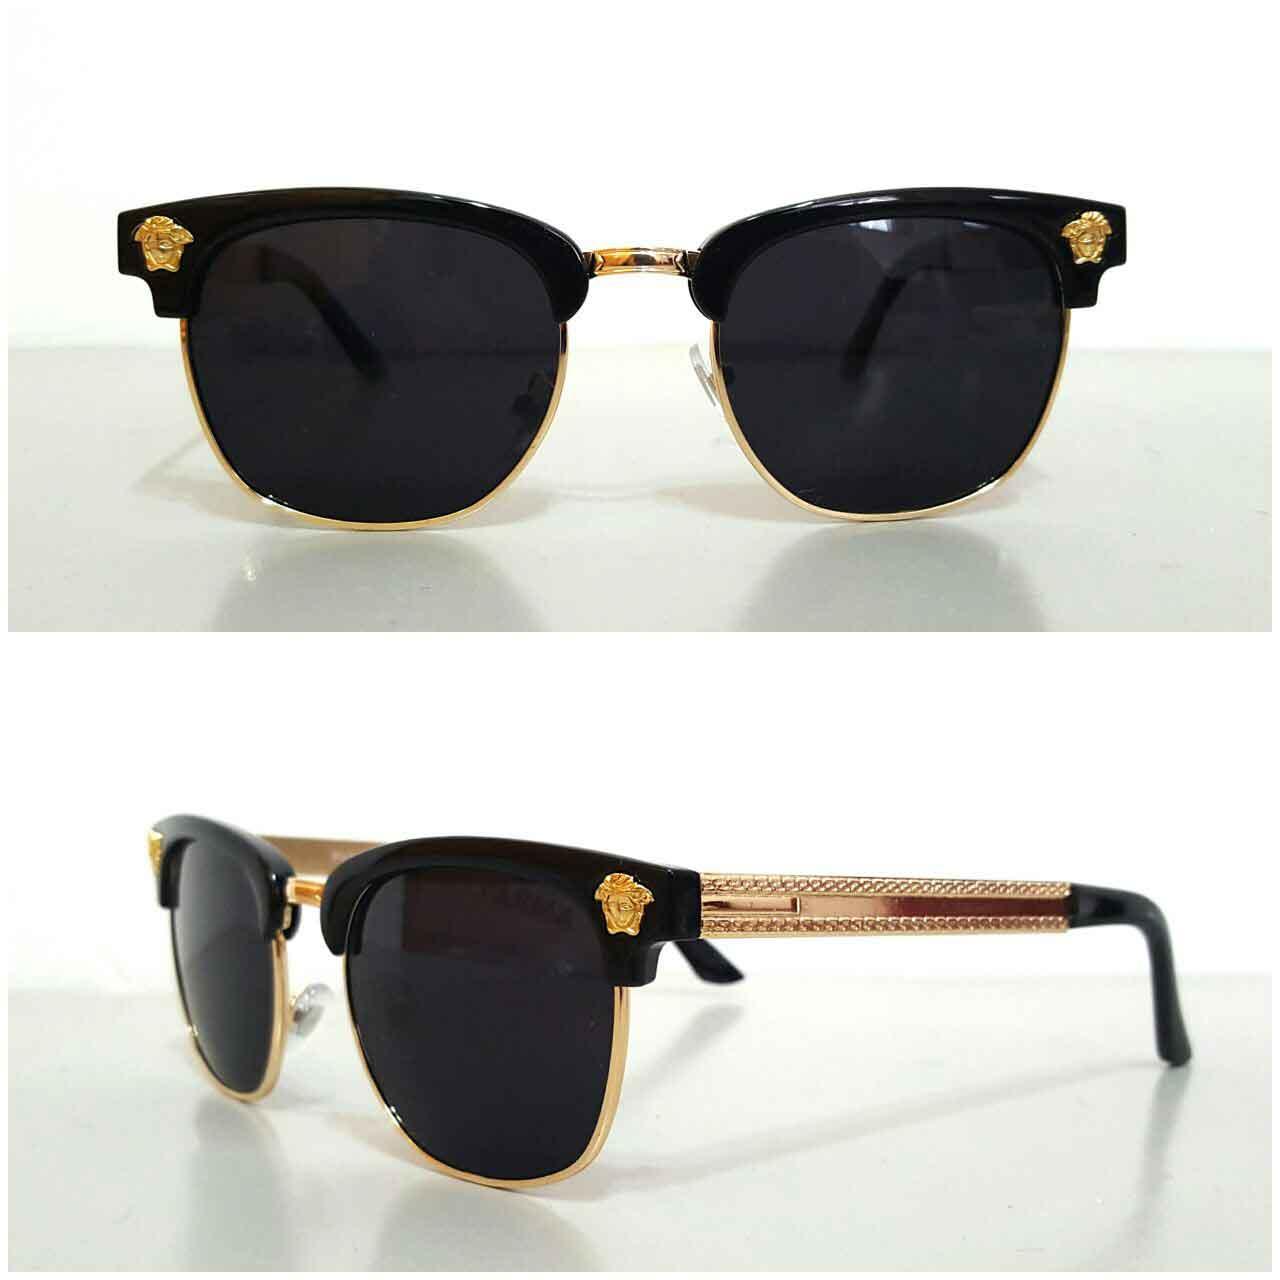 خرید عینک آفتابی مردانه 2015